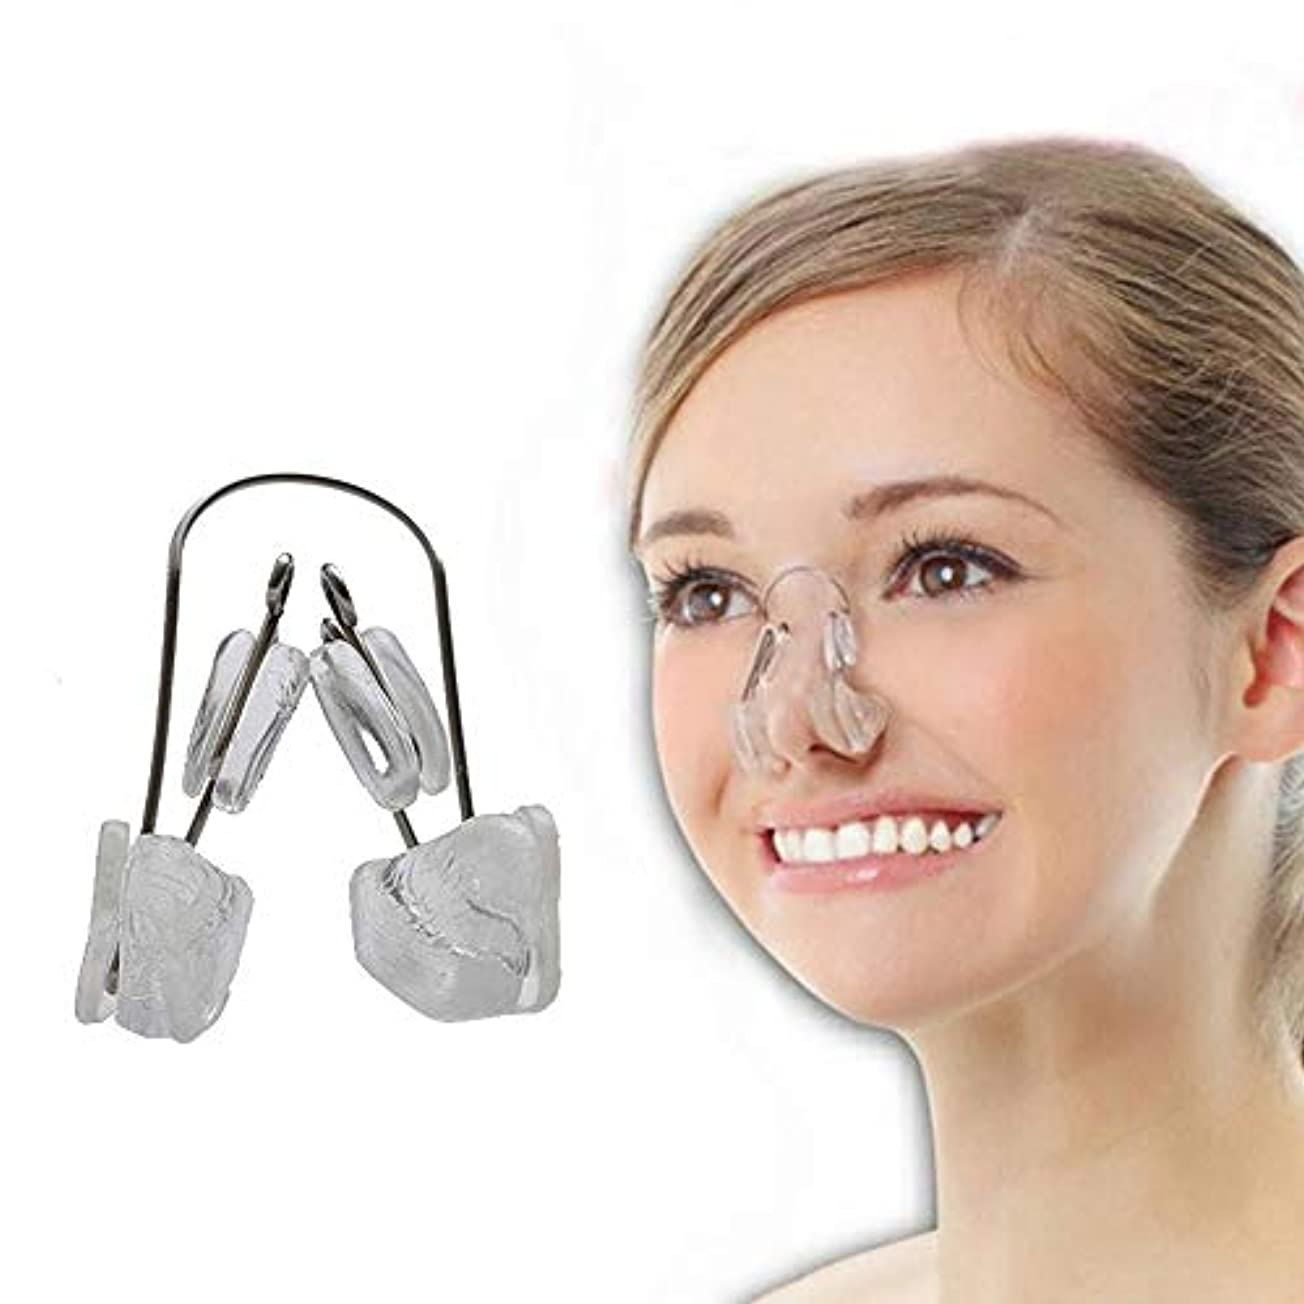 値するクラブ浴室Lindexs ないノーズアップピン ノーズアップピン 美鼻クリップ 鼻高く 鼻筋 矯正 (クリア)